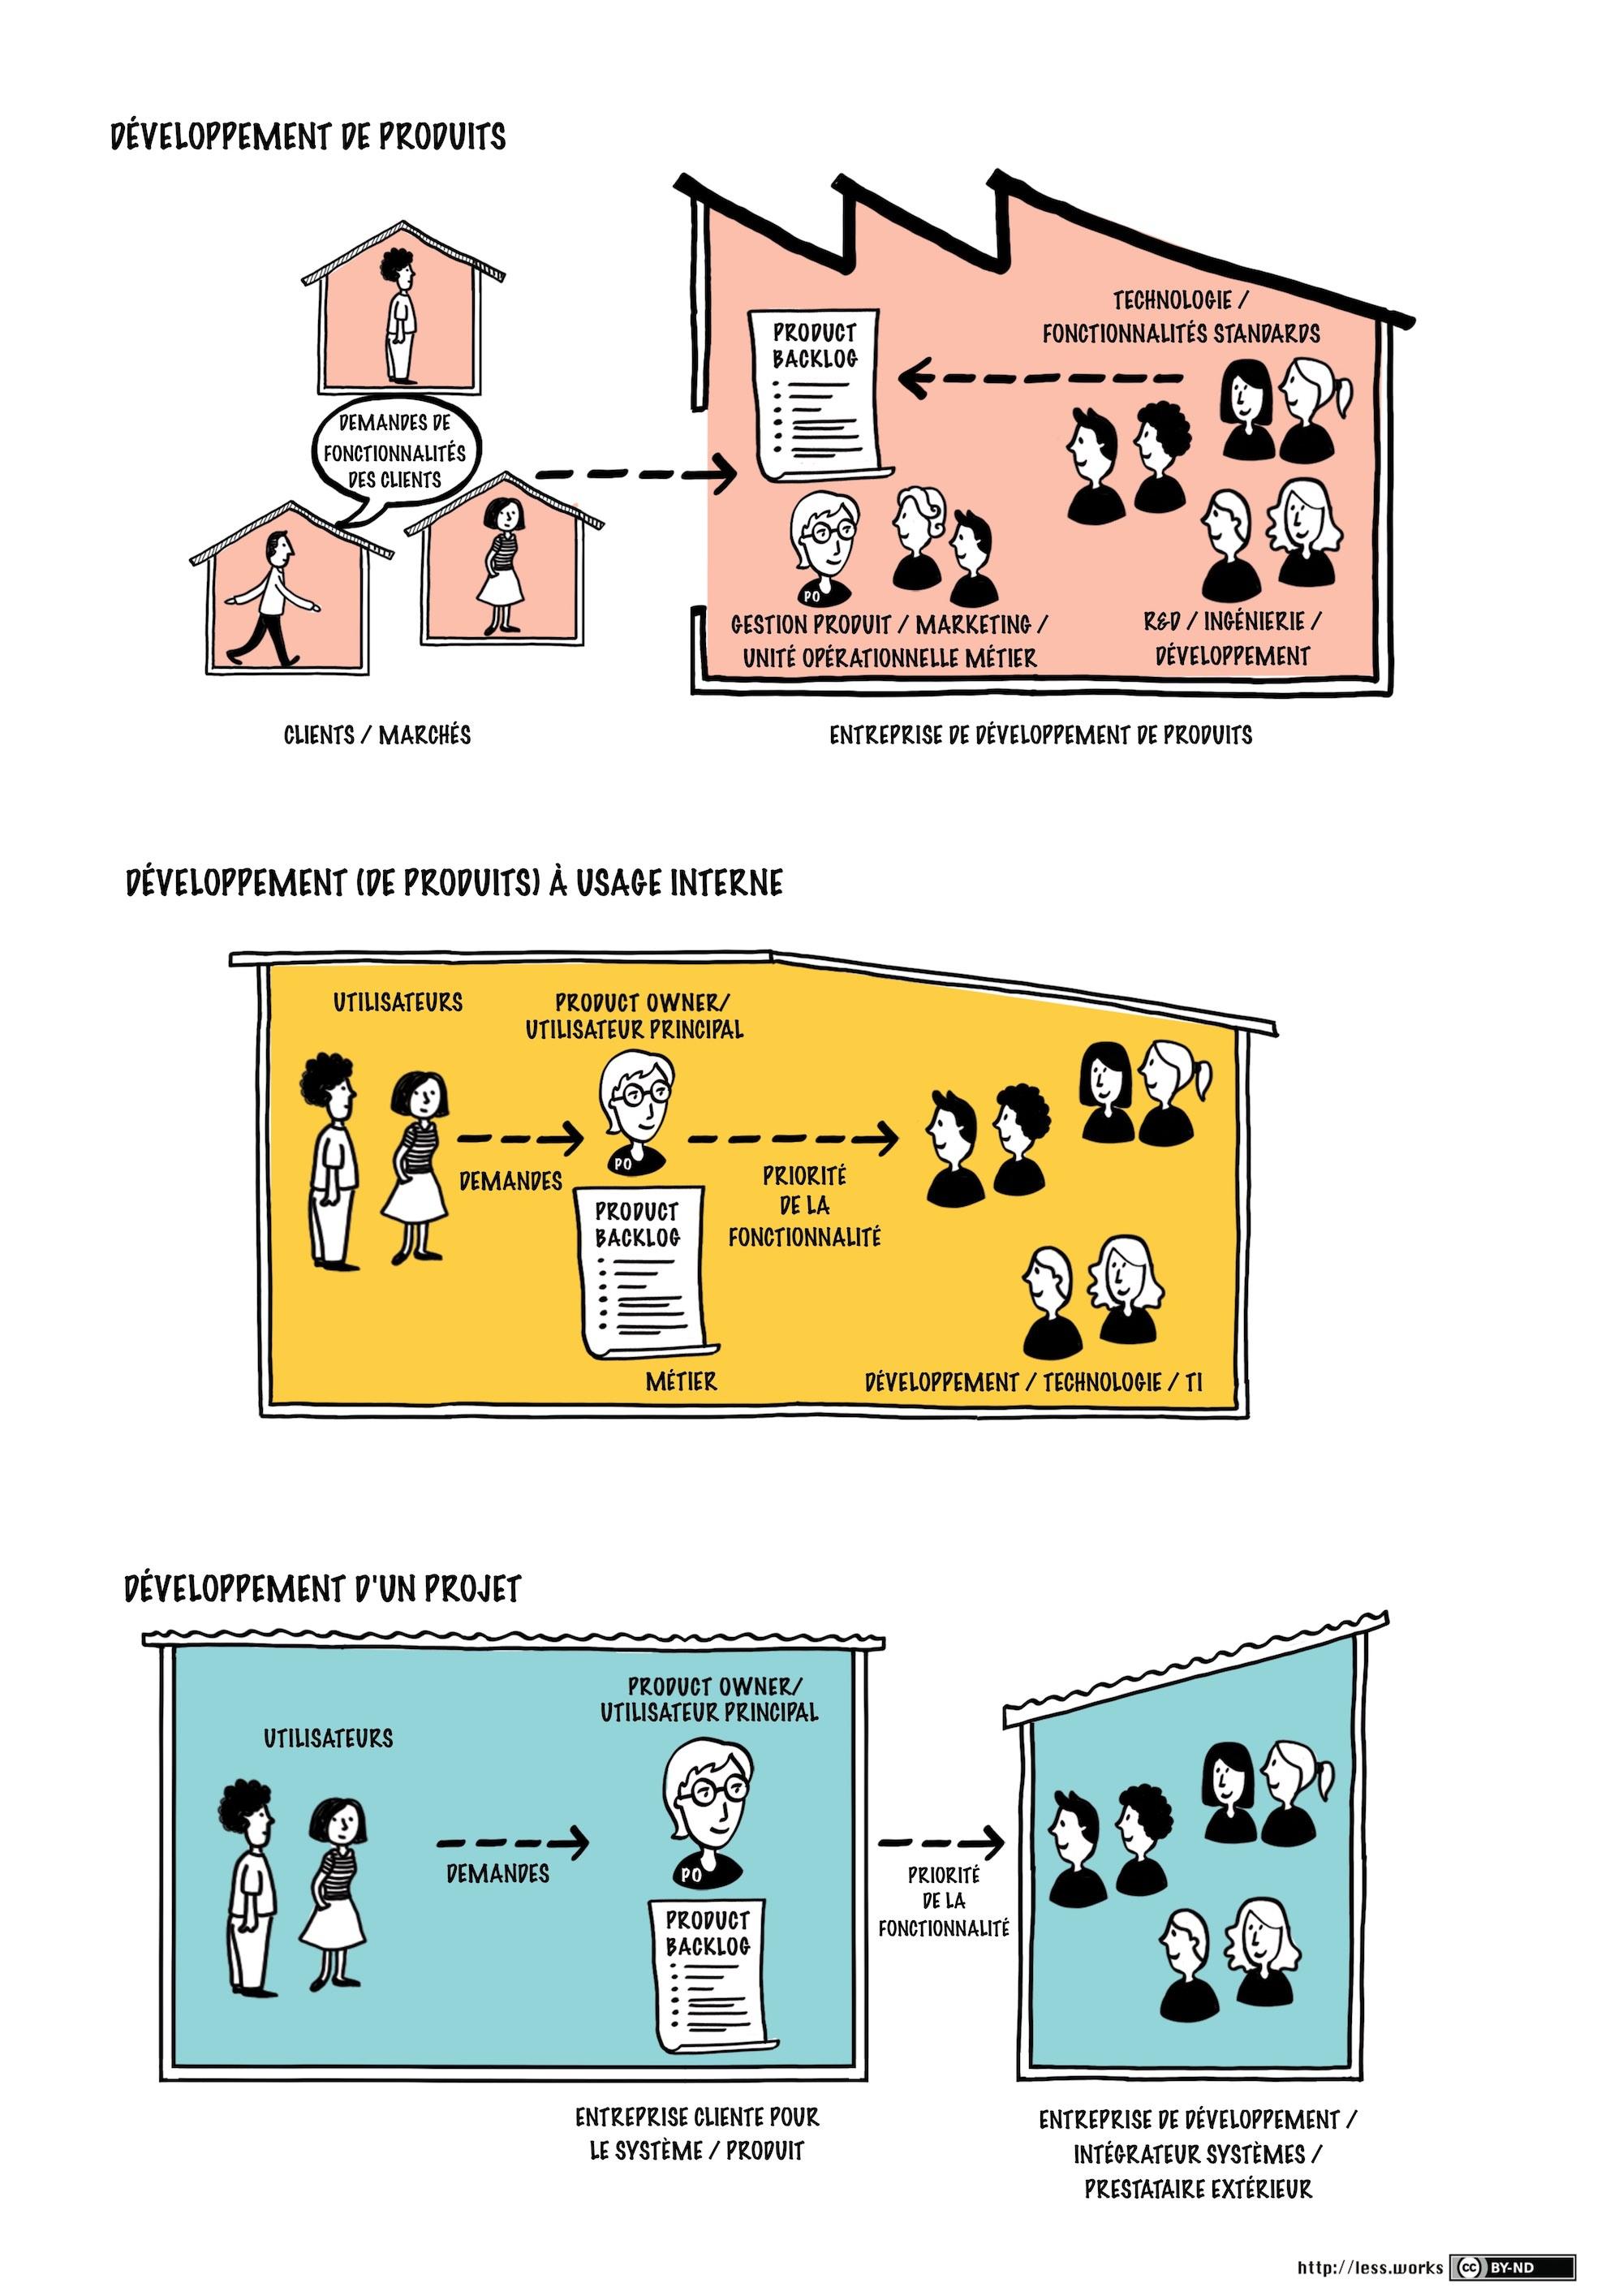 Qui est le Product Owner selon les différents types de développement